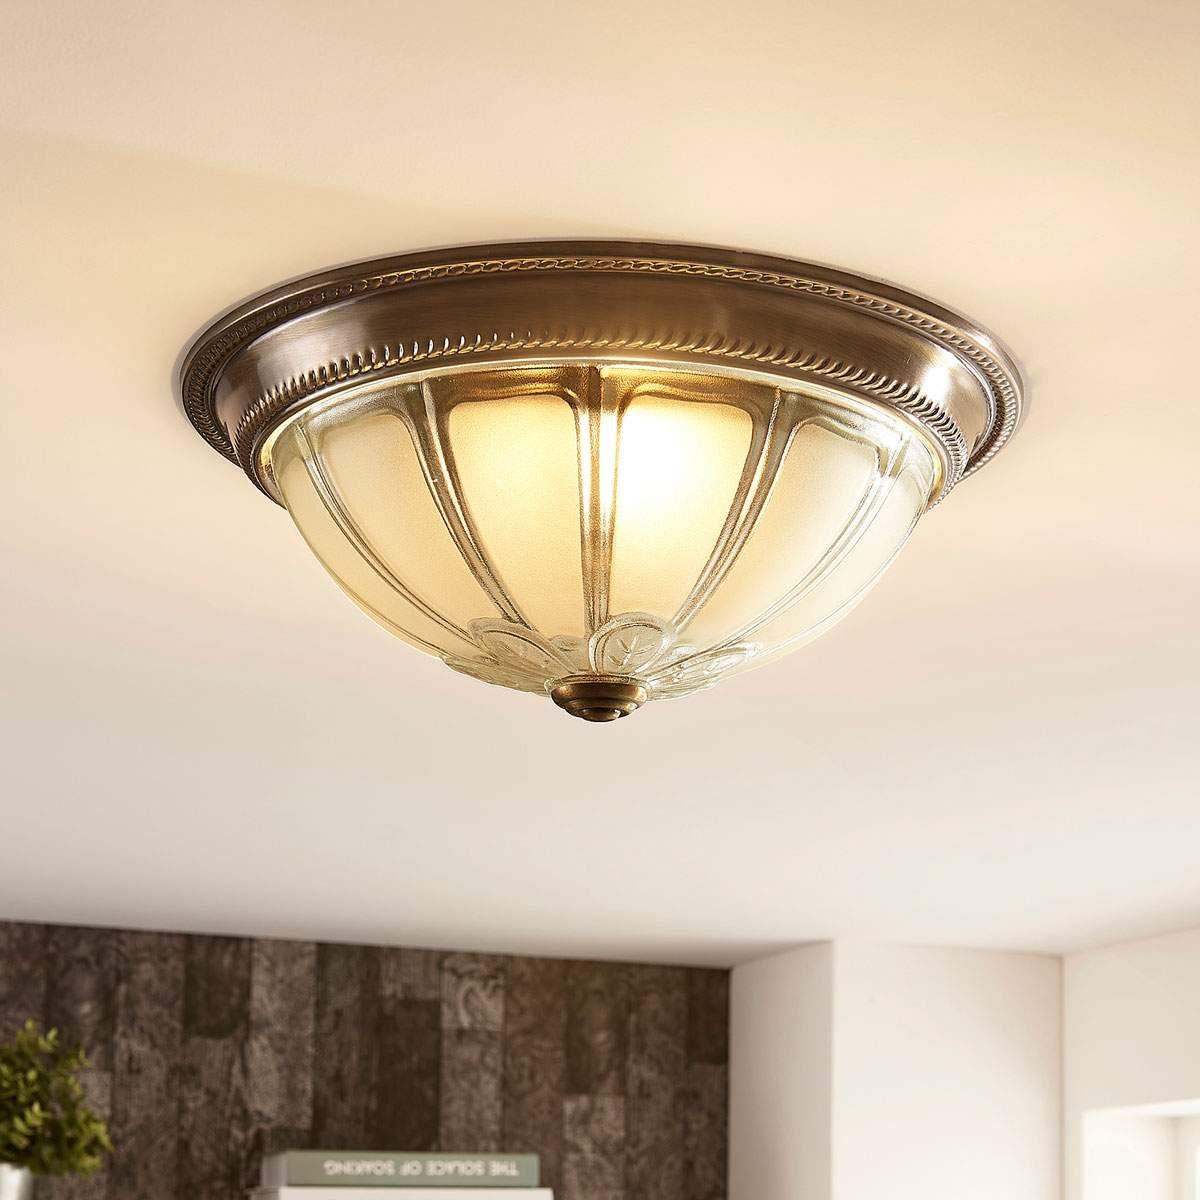 Deckenleuchte Led Flach Dimmbar Deckenleuchten Design Deckenlampe Badezimmer Deckenlampe Wohnzimmer Beleuchtung Decke Led Deckenleuchte Led Deckenlampen